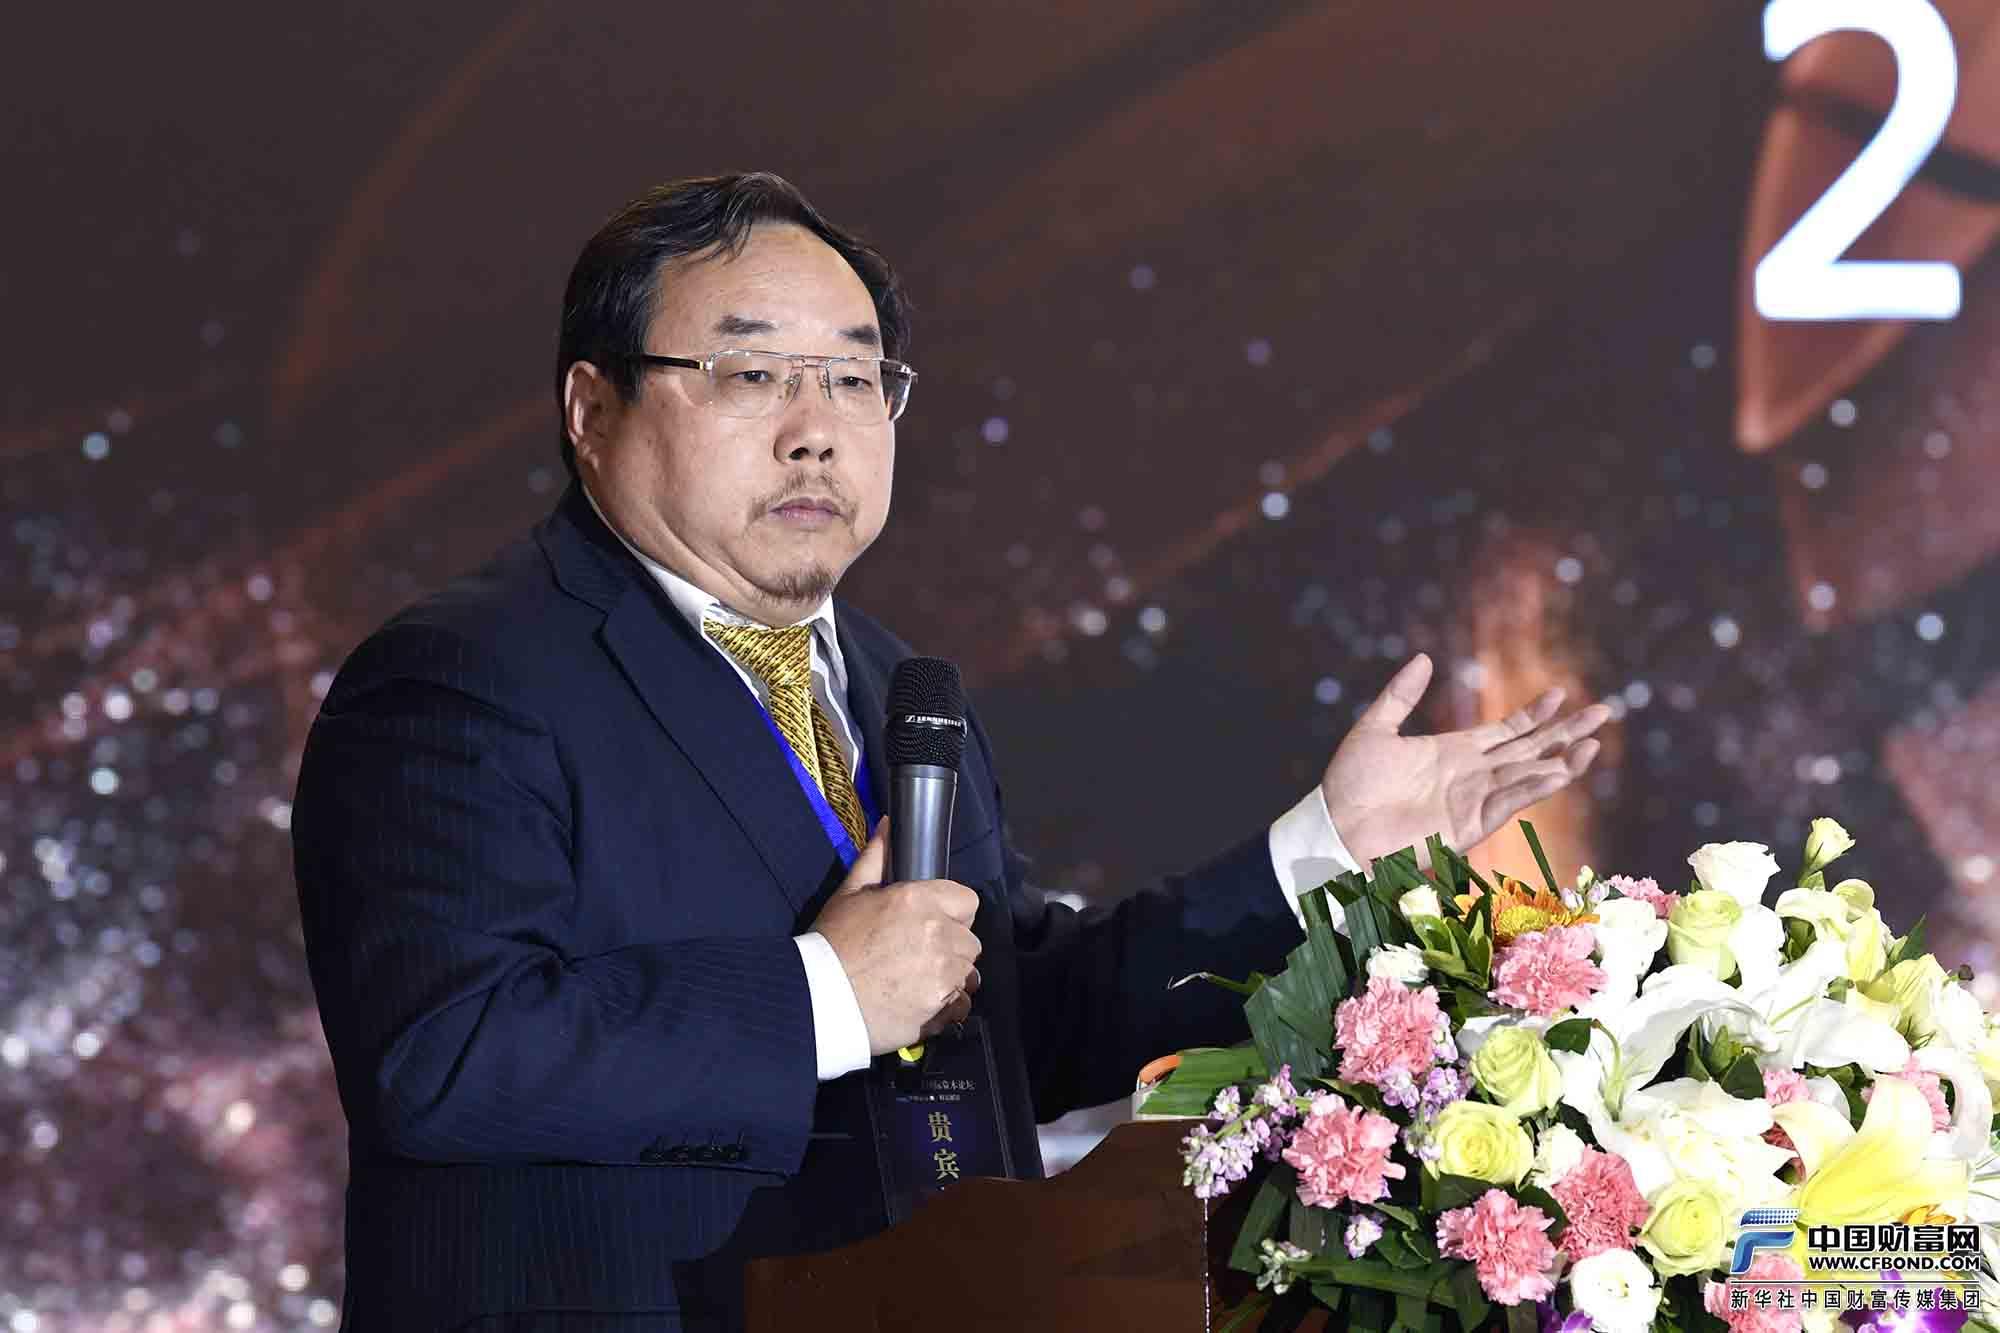 阿拉伯中国基金合伙人吕京